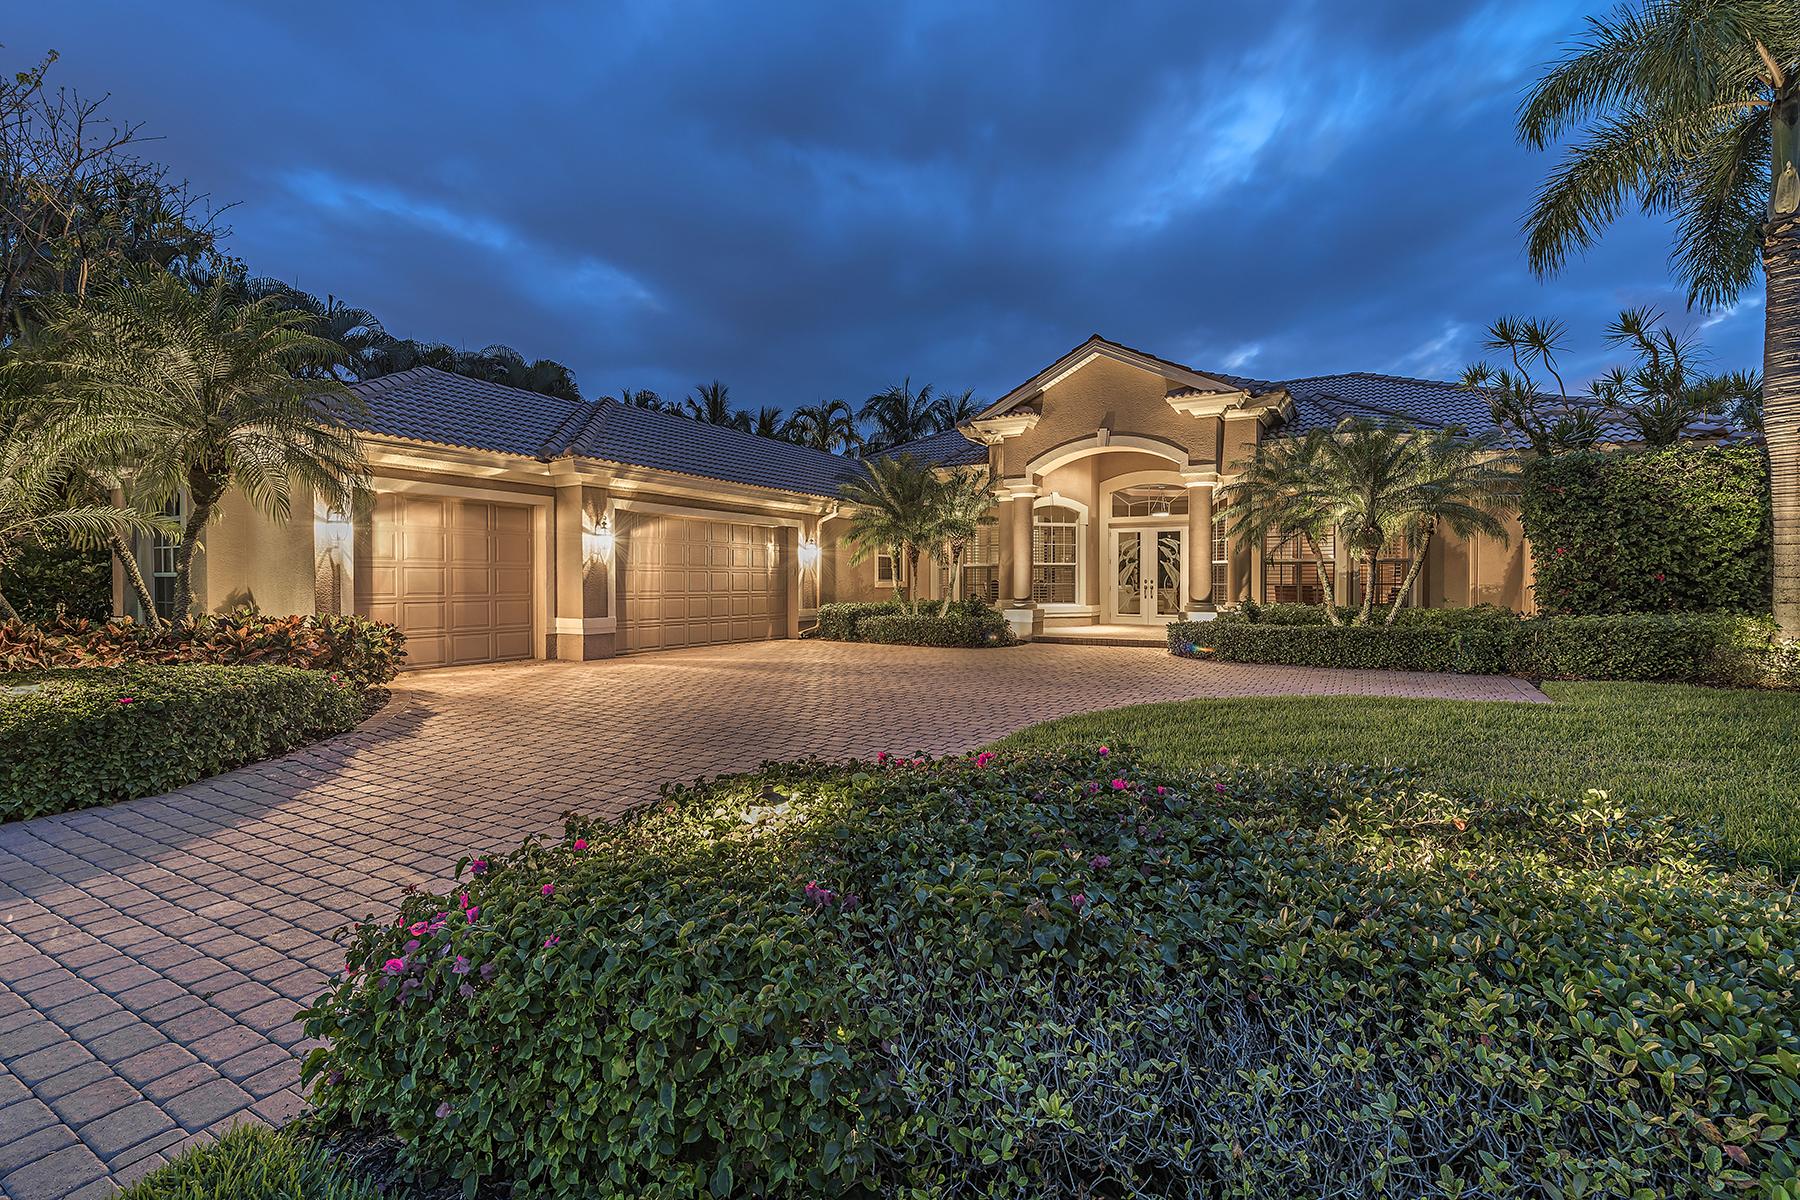 Частный односемейный дом для того Продажа на PELICAN MARSH - MUIRFIELD AT THE MARSH 8755 Muirfield Dr Naples, Флорида, 34109 Соединенные Штаты